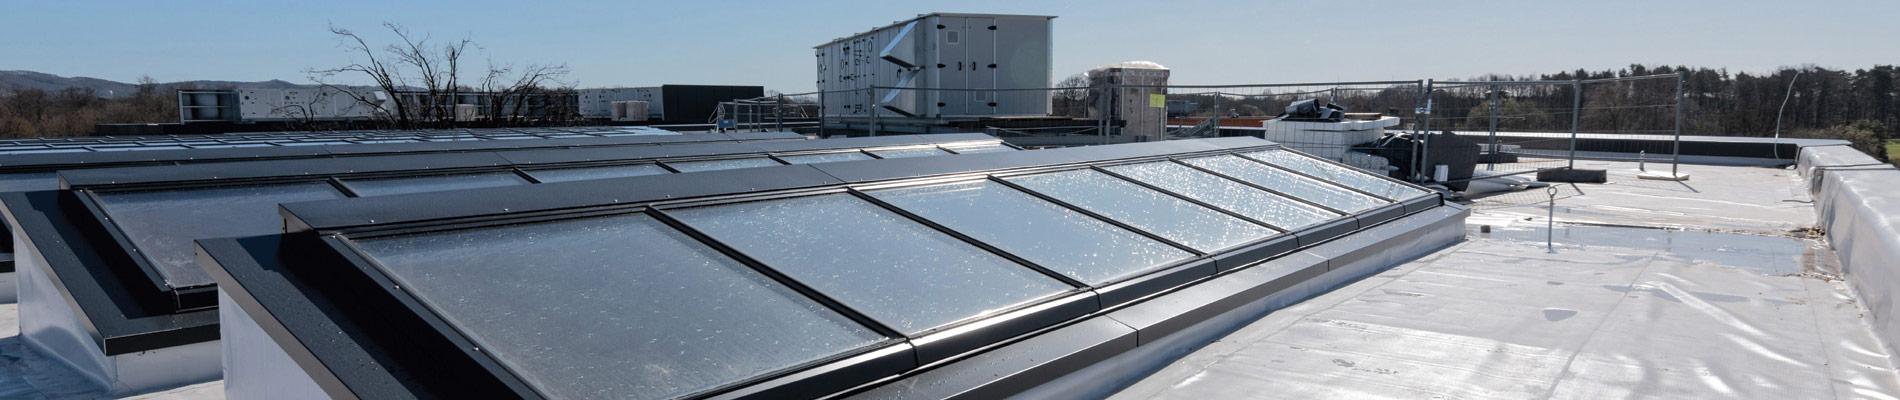 Pultdach-Verglasungen: Ideal für Flachdächer bei Firmengebäuden und Hallen